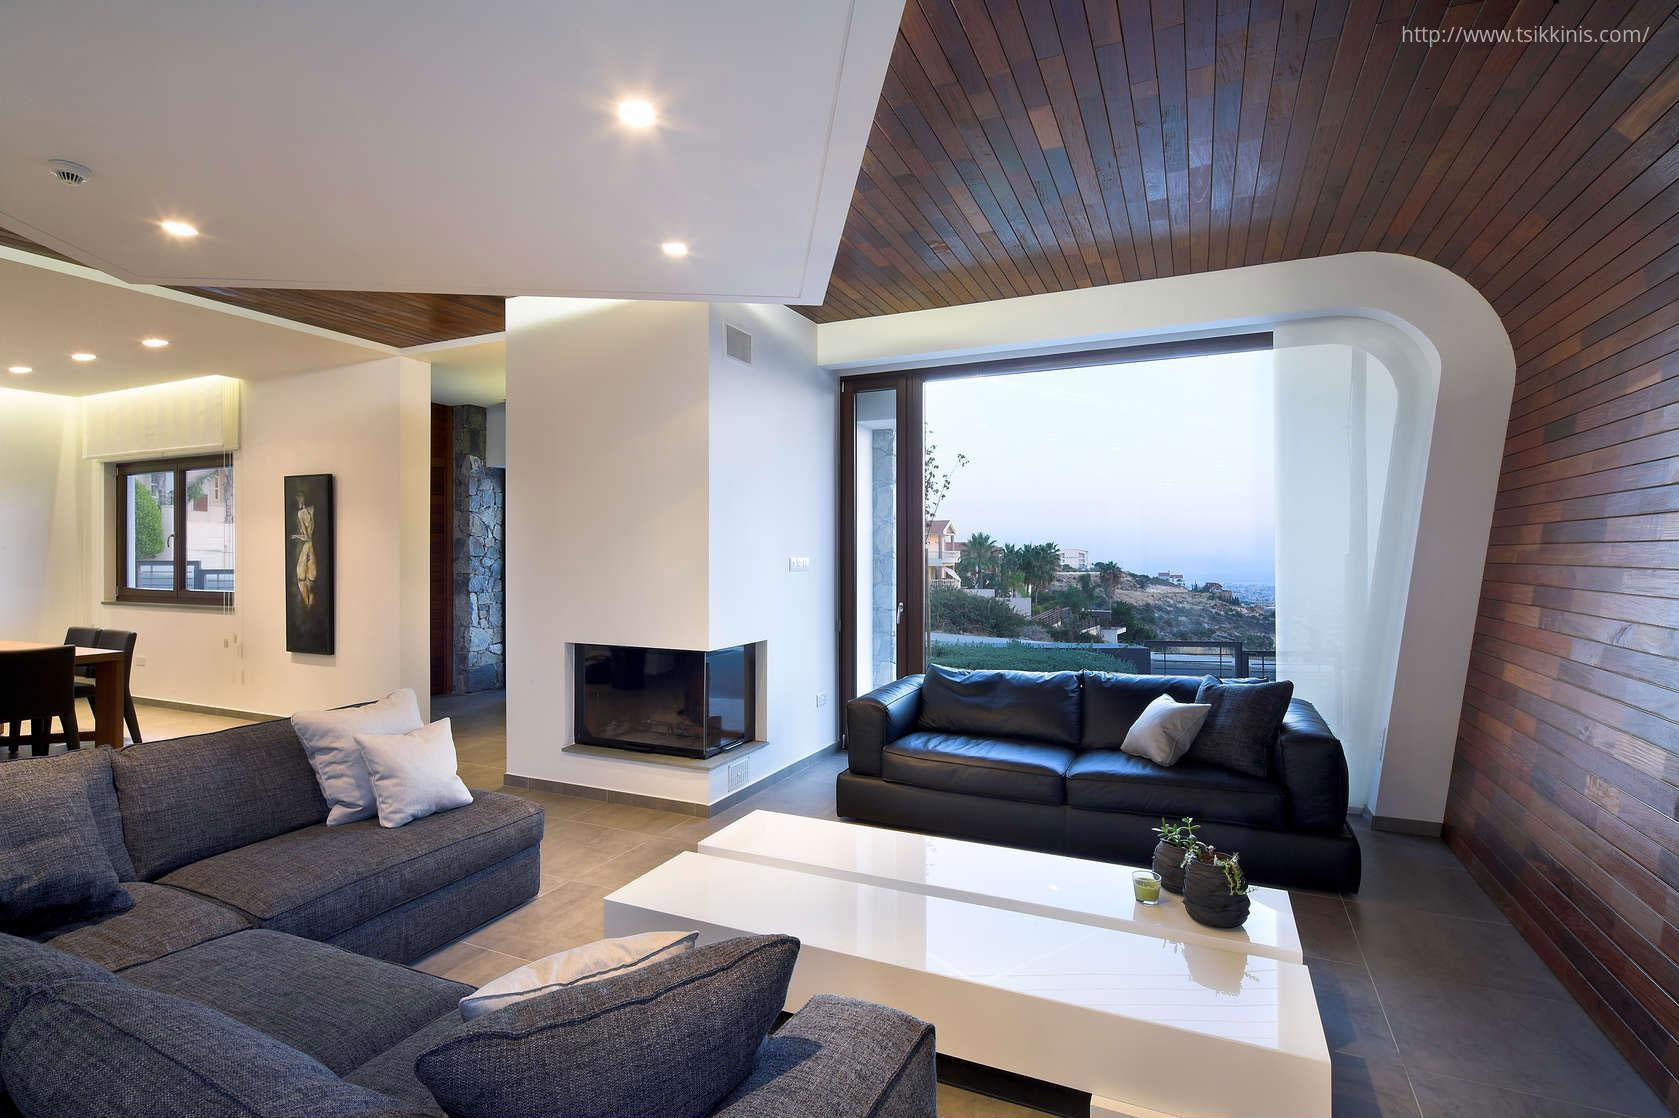 Steintapete beige wohnzimmer